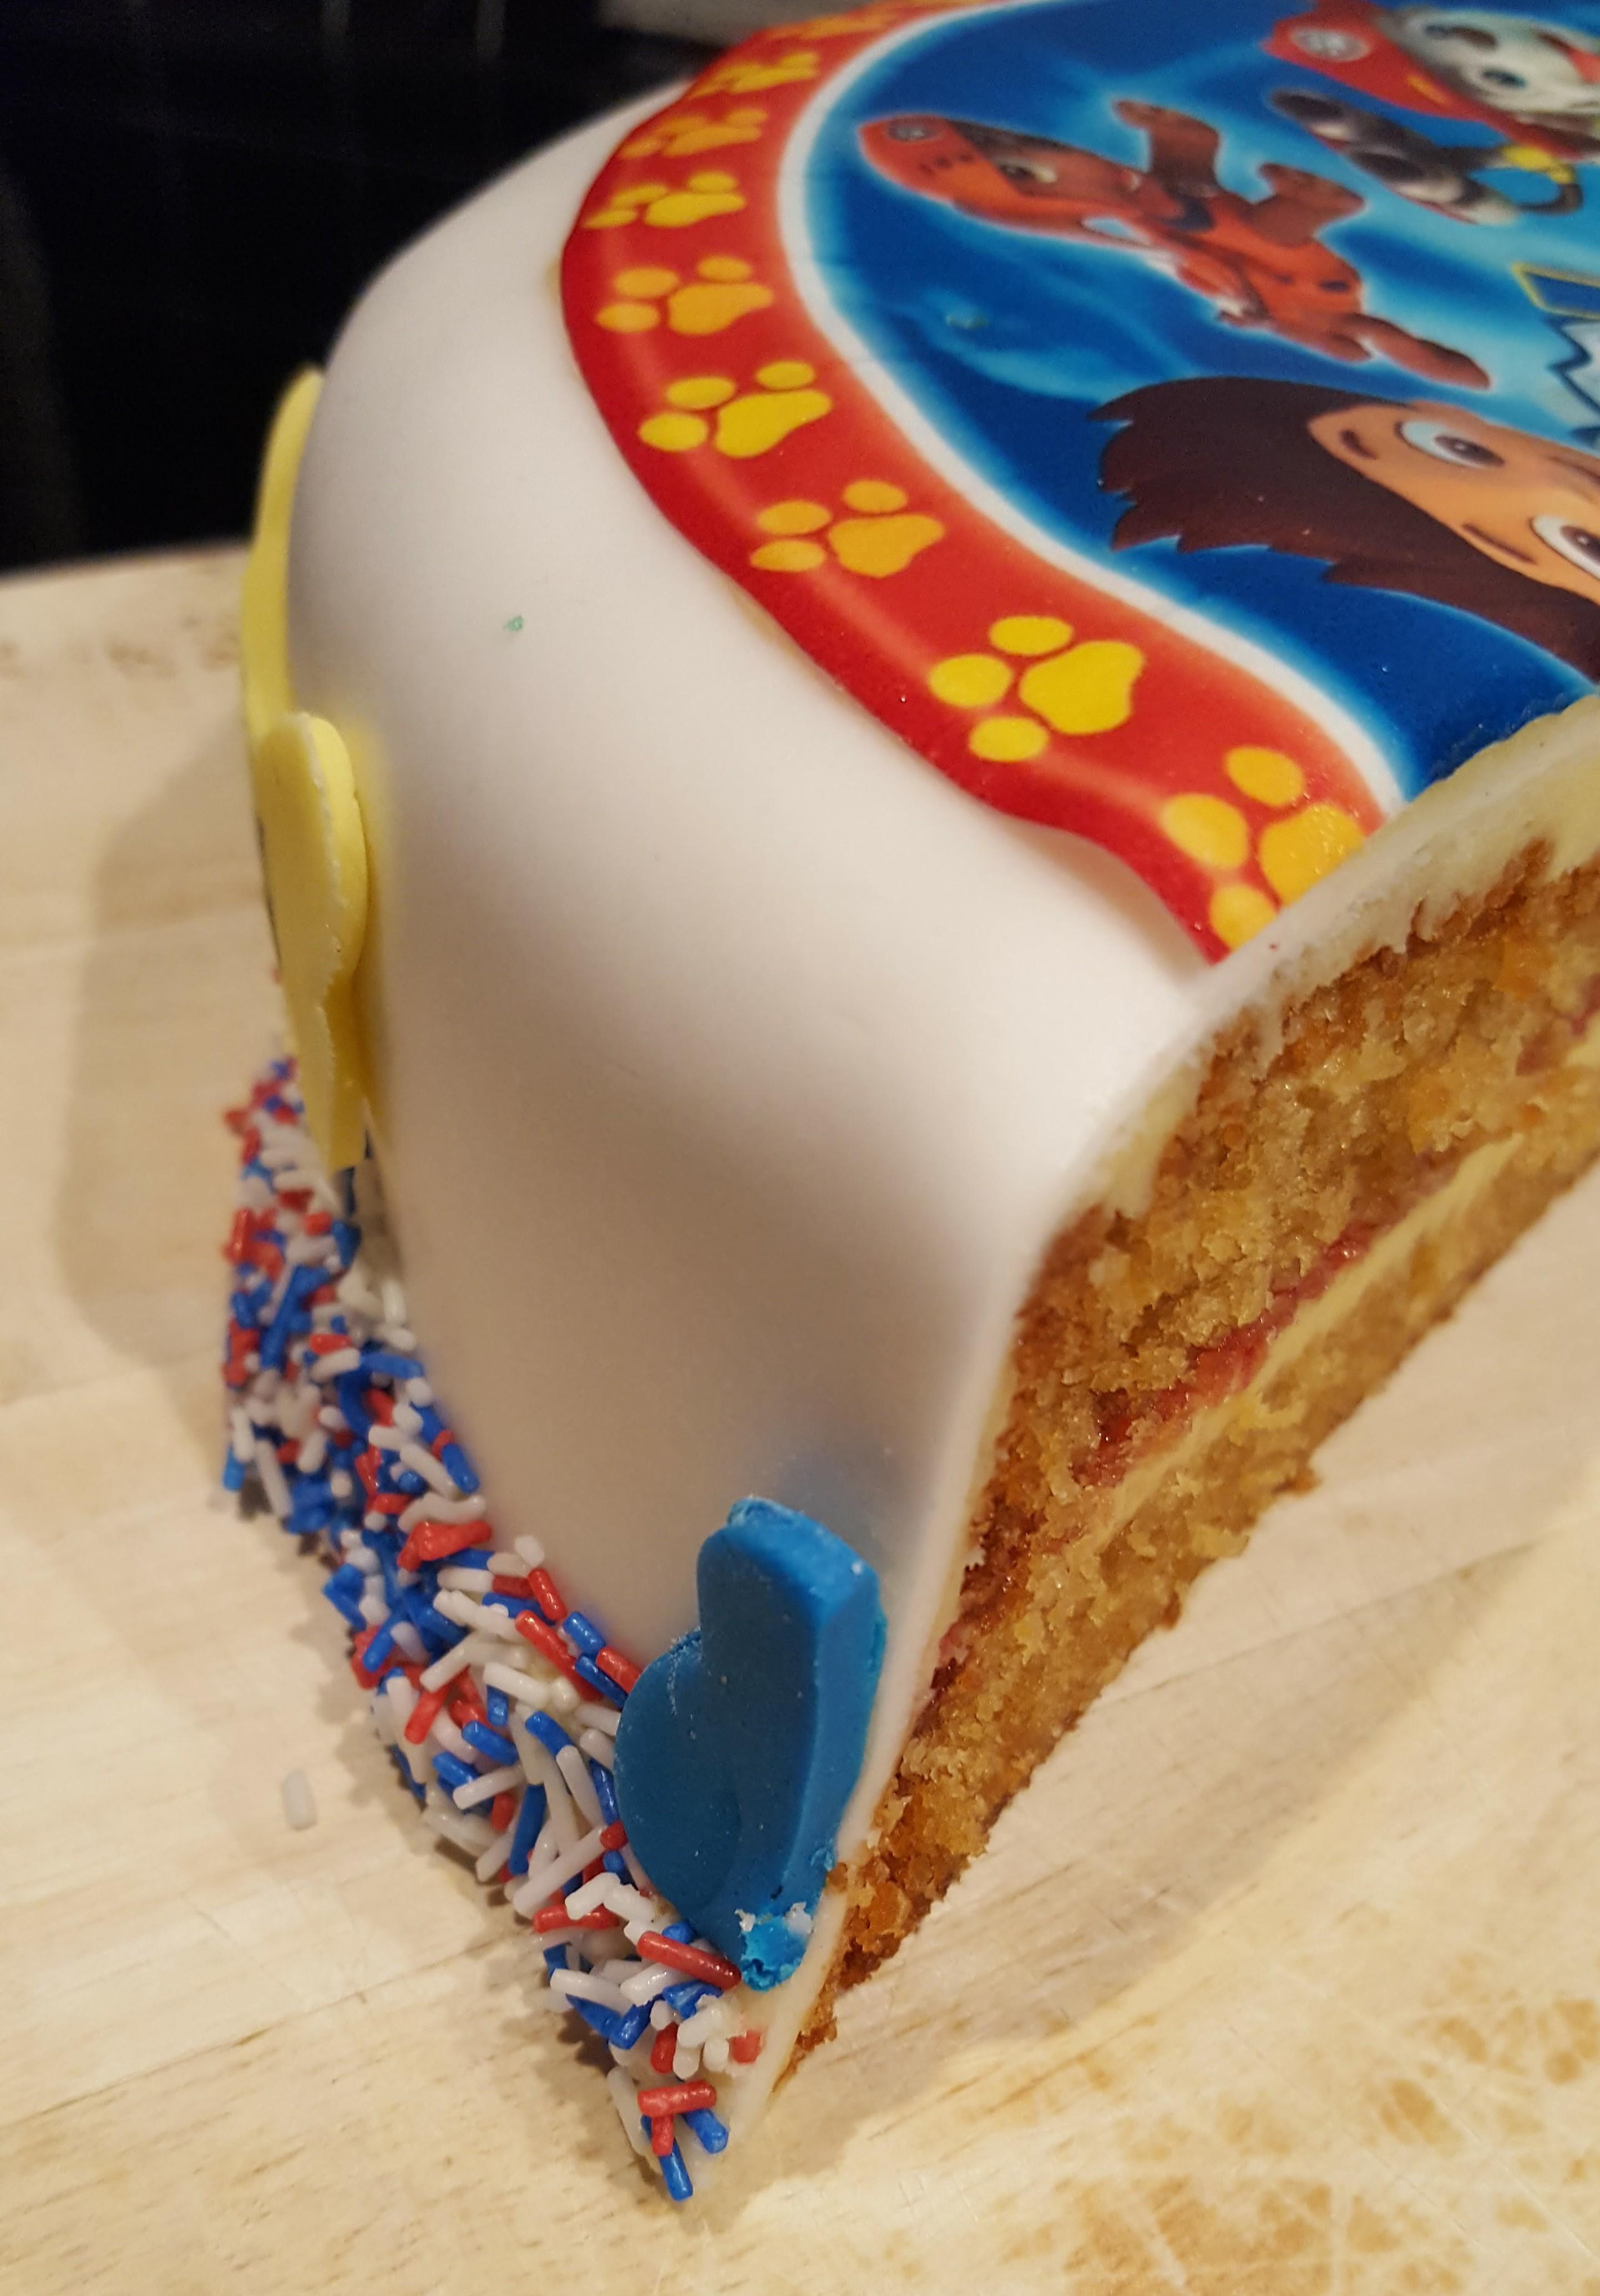 Fonkelnieuw Recept: De Verjaardagstaart (koemelkvrij, lactosevrij & tarwevrij MQ-38